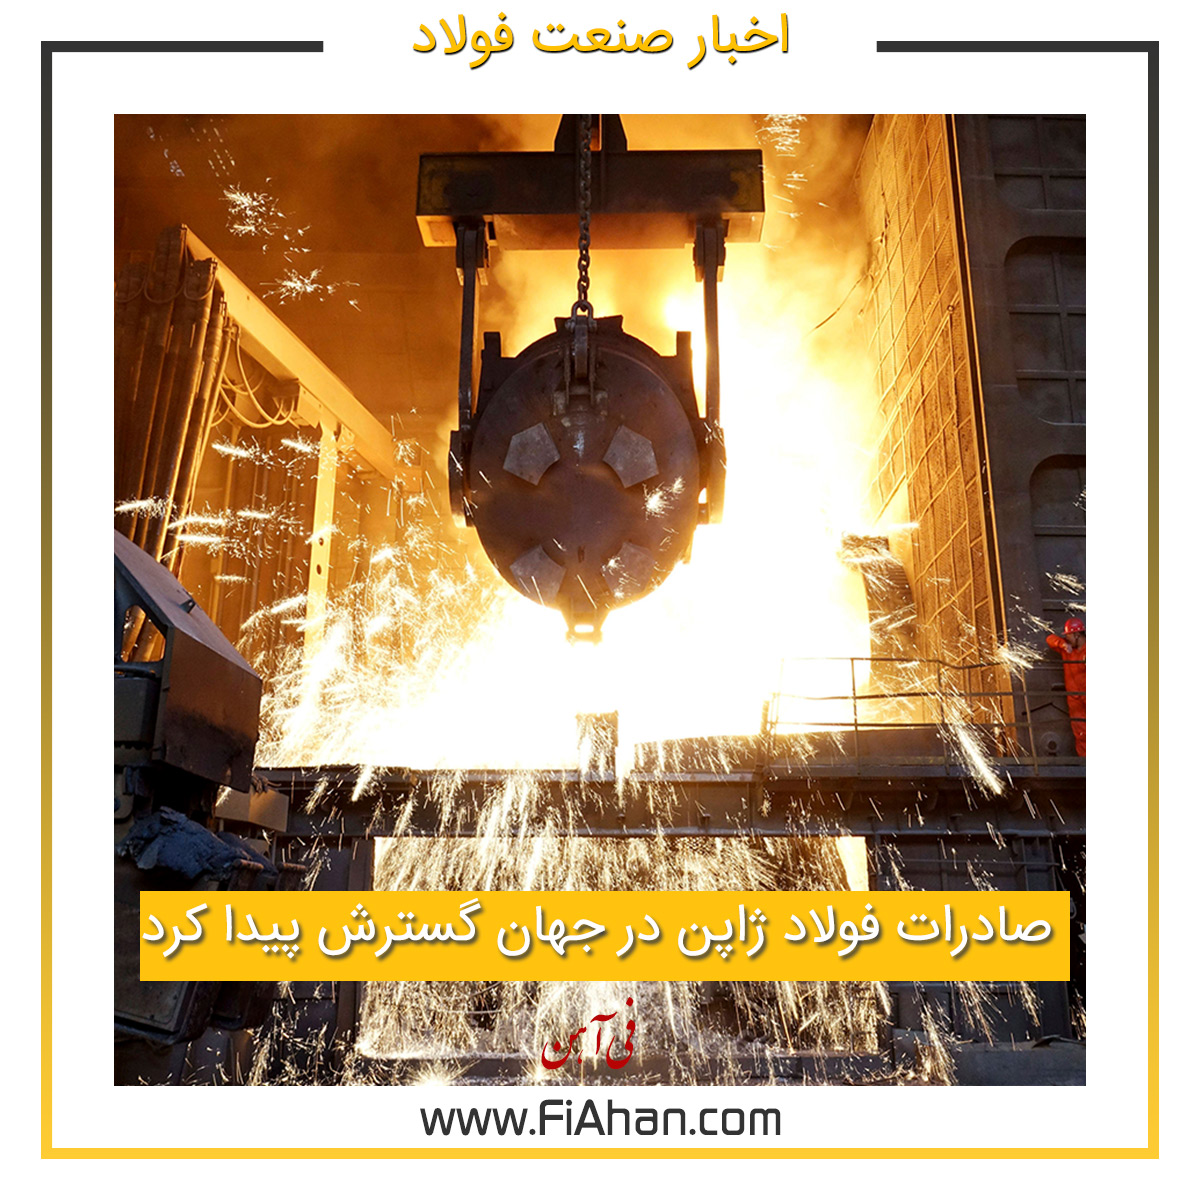 صادرات فولاد ژاپن در جهان گسترش پیدا کرد